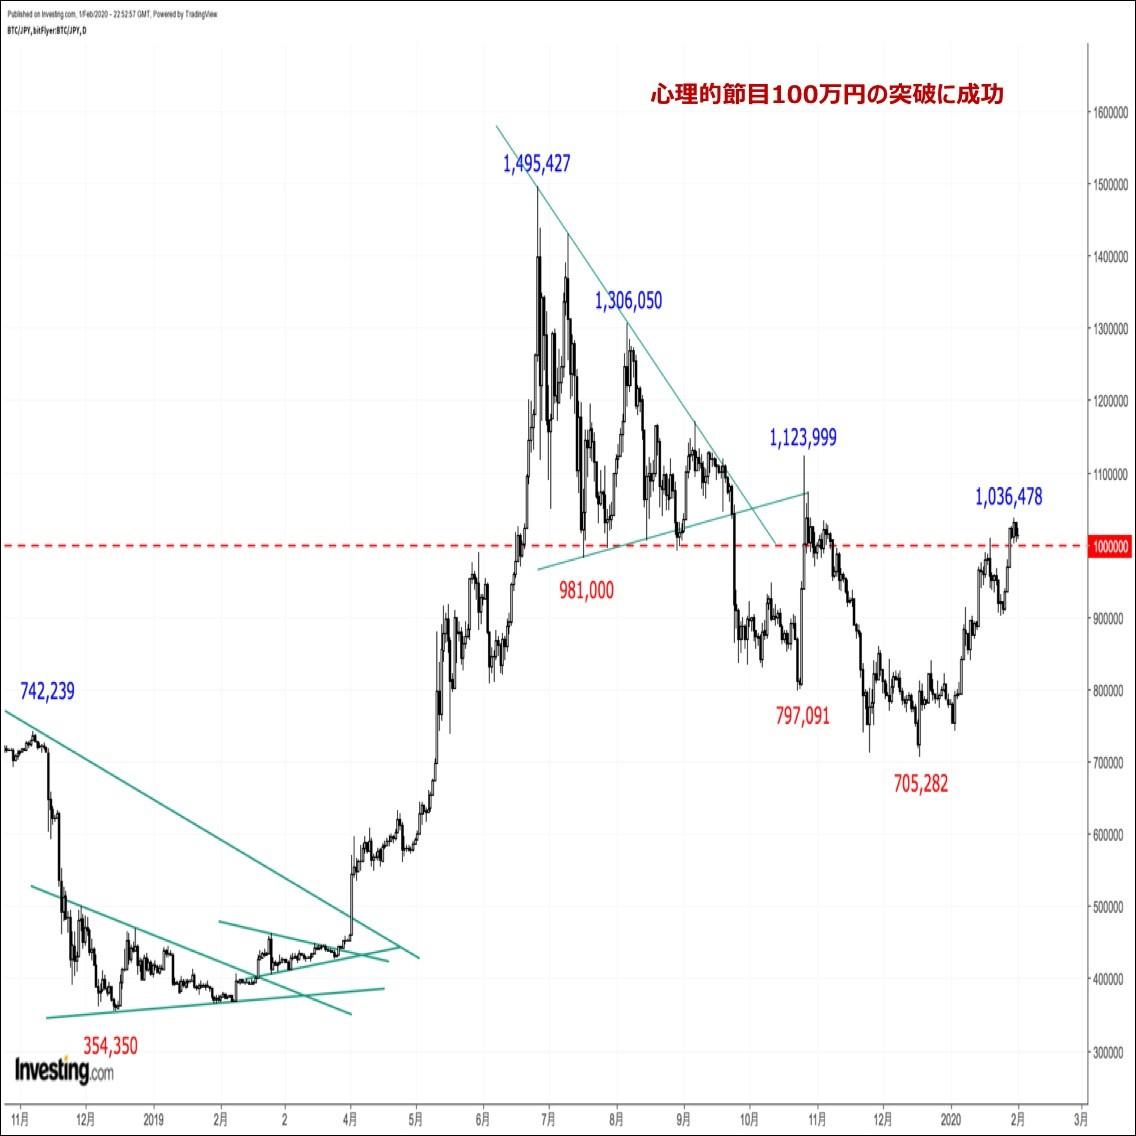 ビットコインの価格分析:『心理的節目100万円の突破に成功。押し目待ちに押し目なし』(20/2/2)